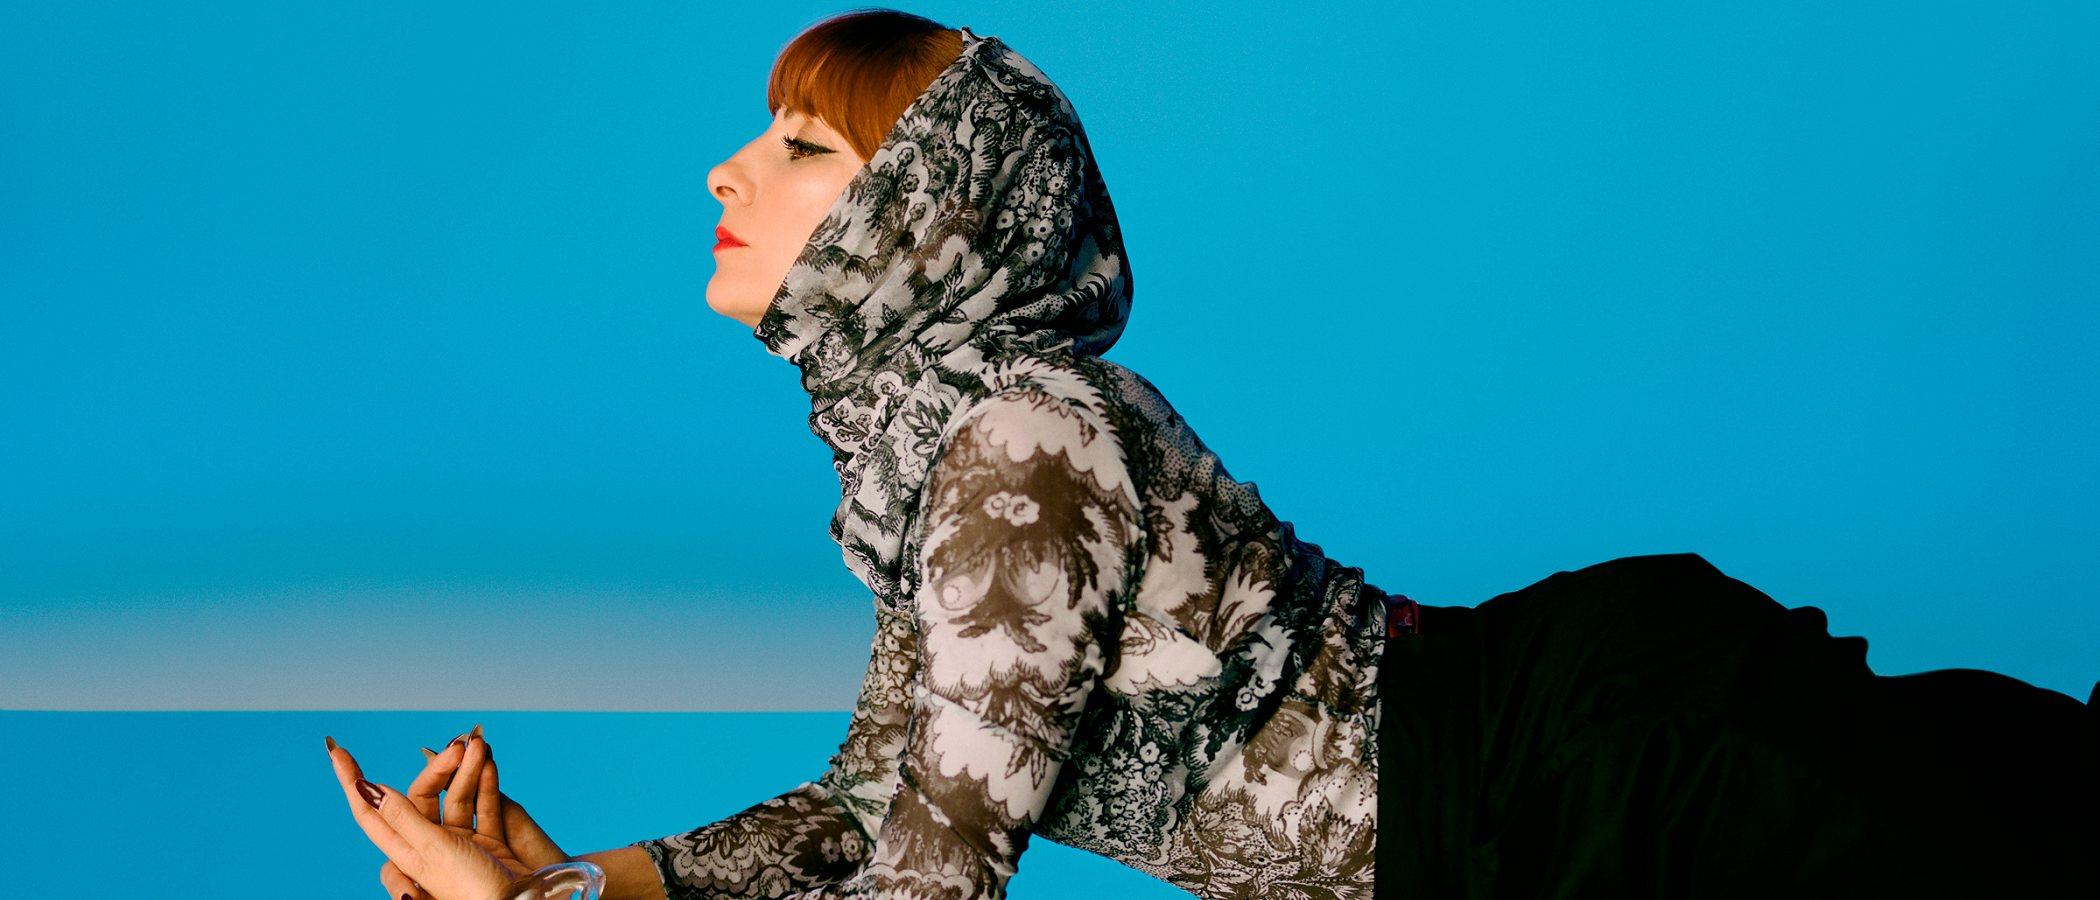 Llega la octava colaboración de Desigual y Lacroix con toques muy pop y Najwa Nimri como imagen